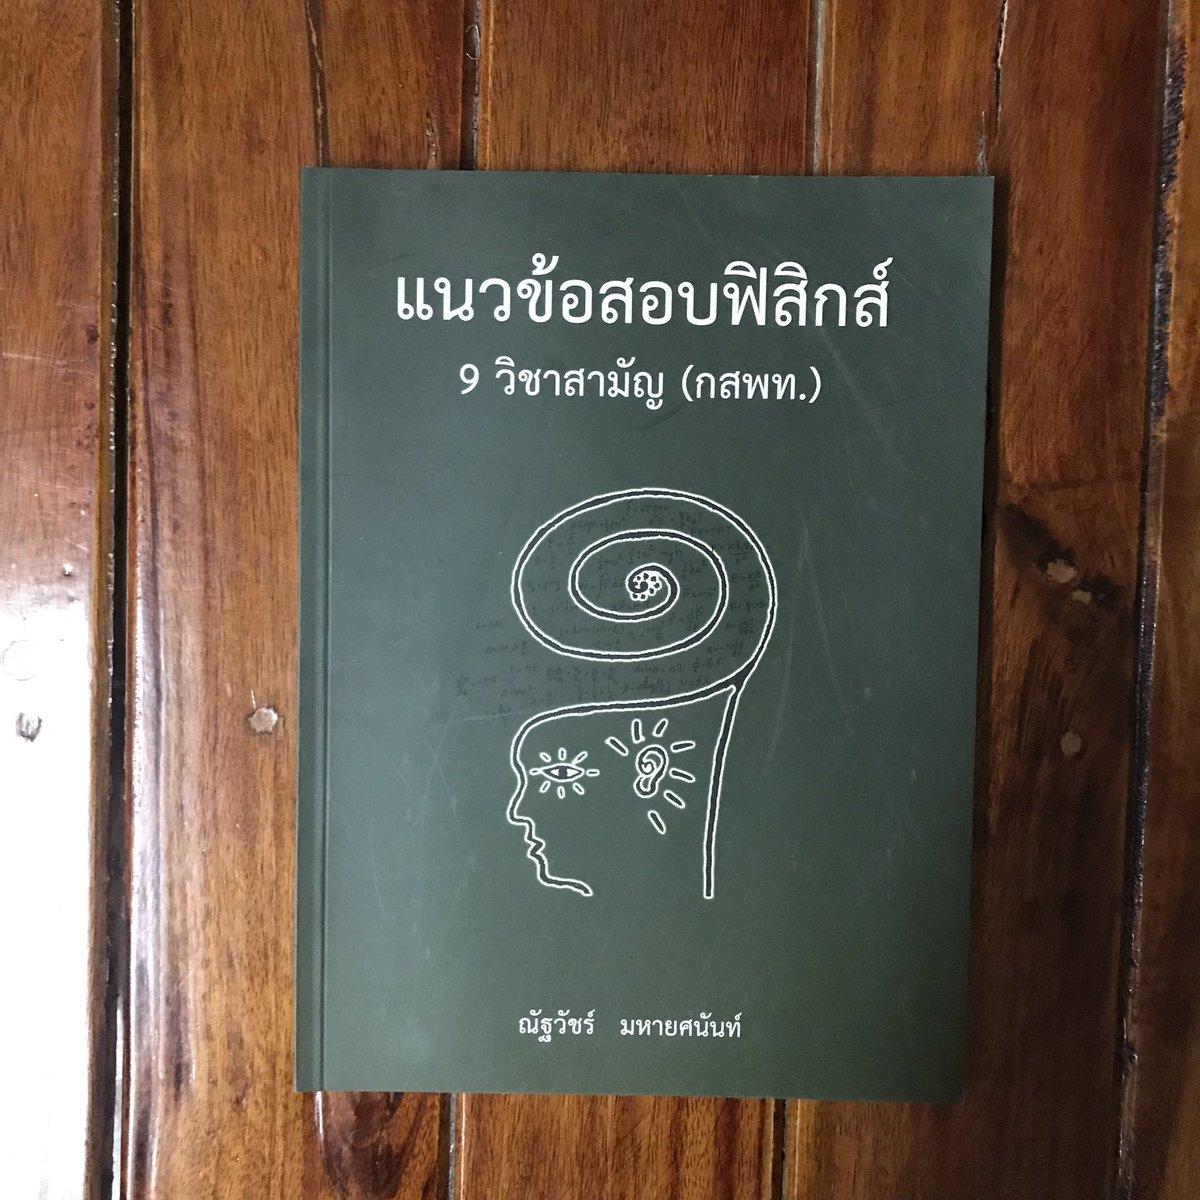 ขาย120บาทส่งฟรีลทบ ไม่เคยเขียนลงในเล่ม (ราคาปก175) #ส่งต่อหนังสือ #ส่งต่อหนังสือมือสอง #ส่งต่อหนังสือเรียน #หนังสือมือสอง #หนังสือเตรียมสอบมือสอง #ส่งต่อ #หนังสือเรียน #หนังสือเรียนมือสอง #dek62 #dek63 #dek64 #ส่งต่อ